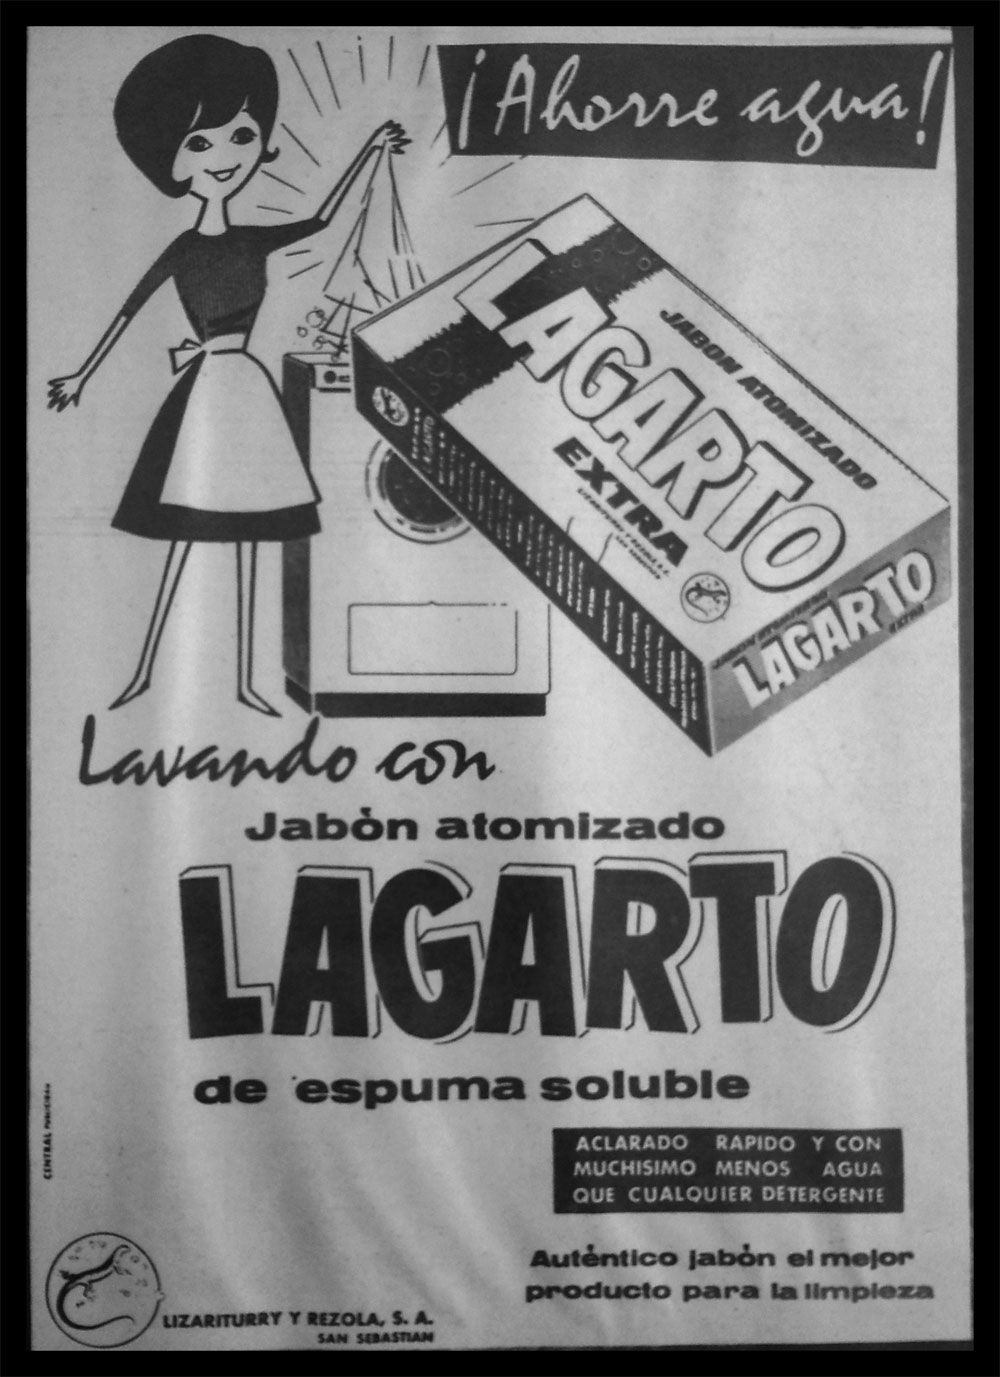 Jabon Lagarto Anuncios Viejos Jabones Lagartos